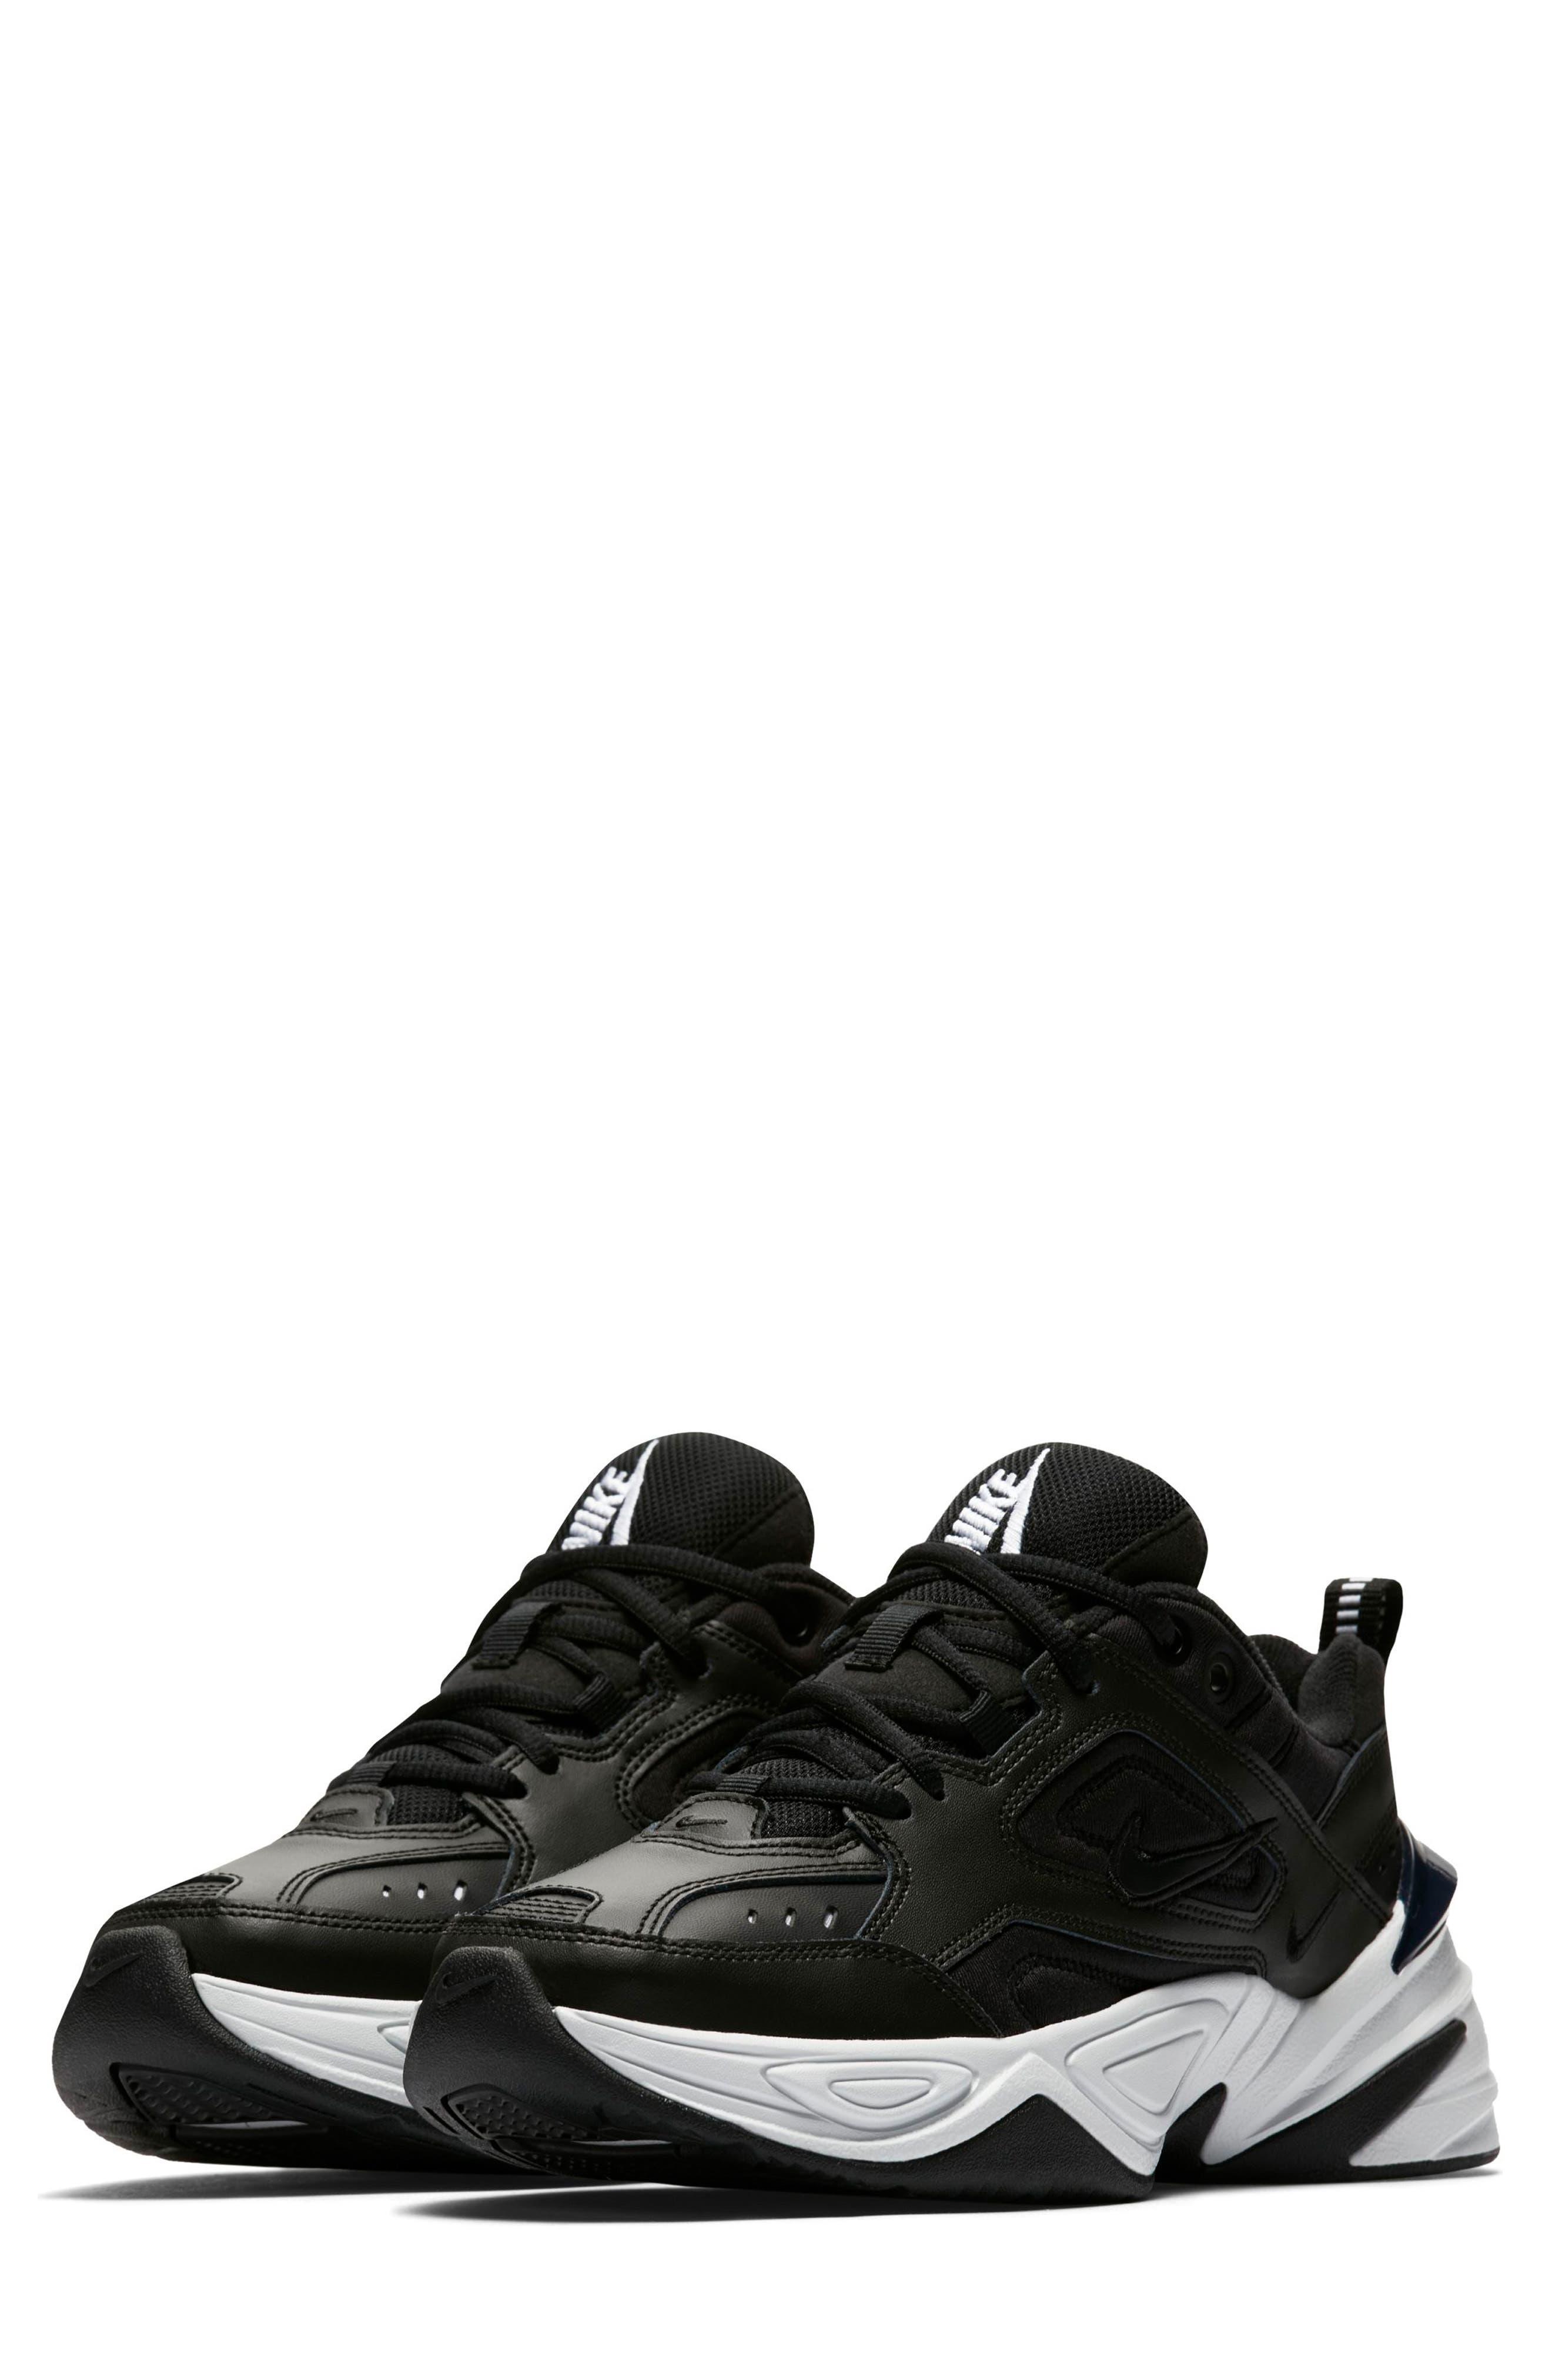 M2K Tekno Sneaker,                             Main thumbnail 1, color,                             BLACK/ OFF WHITE/ OBSIDIAN